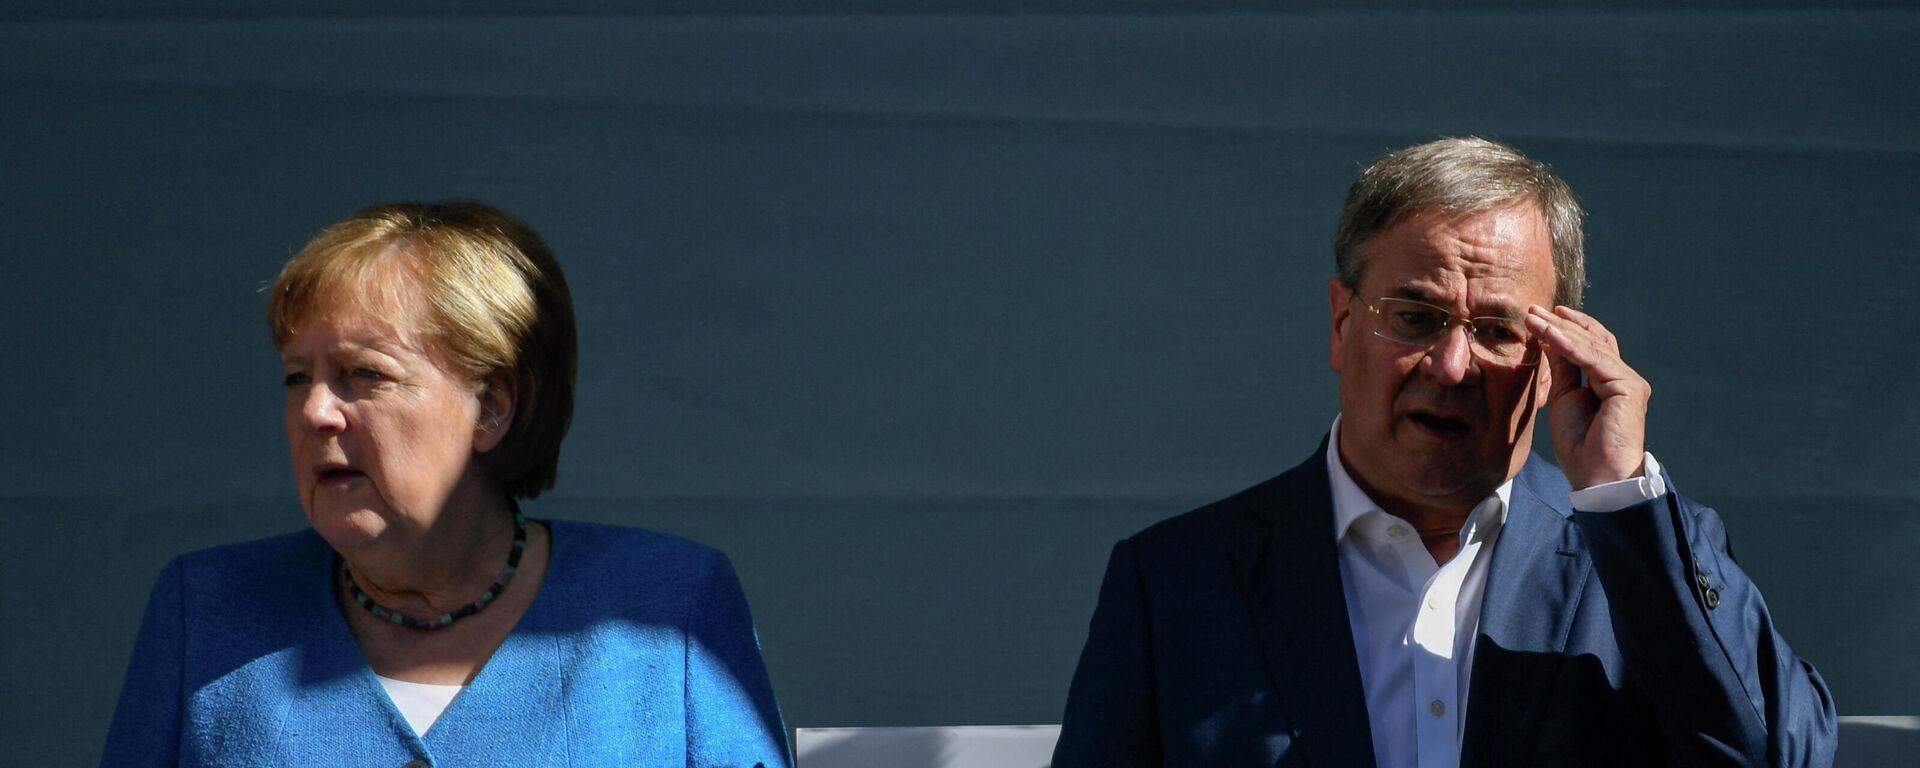 Unions-Kanzlerkandidat Armin Laschet und Bundeskanzlerin Angela Merkel in einem Wahlkampf-Schlussspurt in Aachen  - SNA, 1920, 25.09.2021